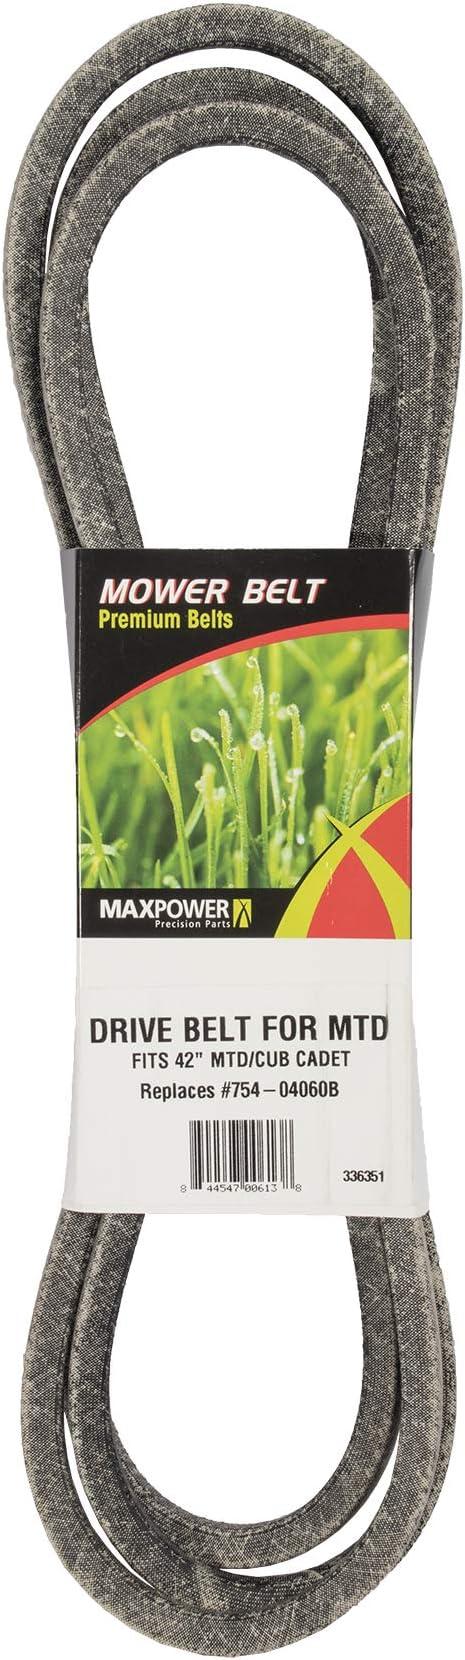 The best Deck Drive Belt - Maxpower 336351B Deck Drive Belt